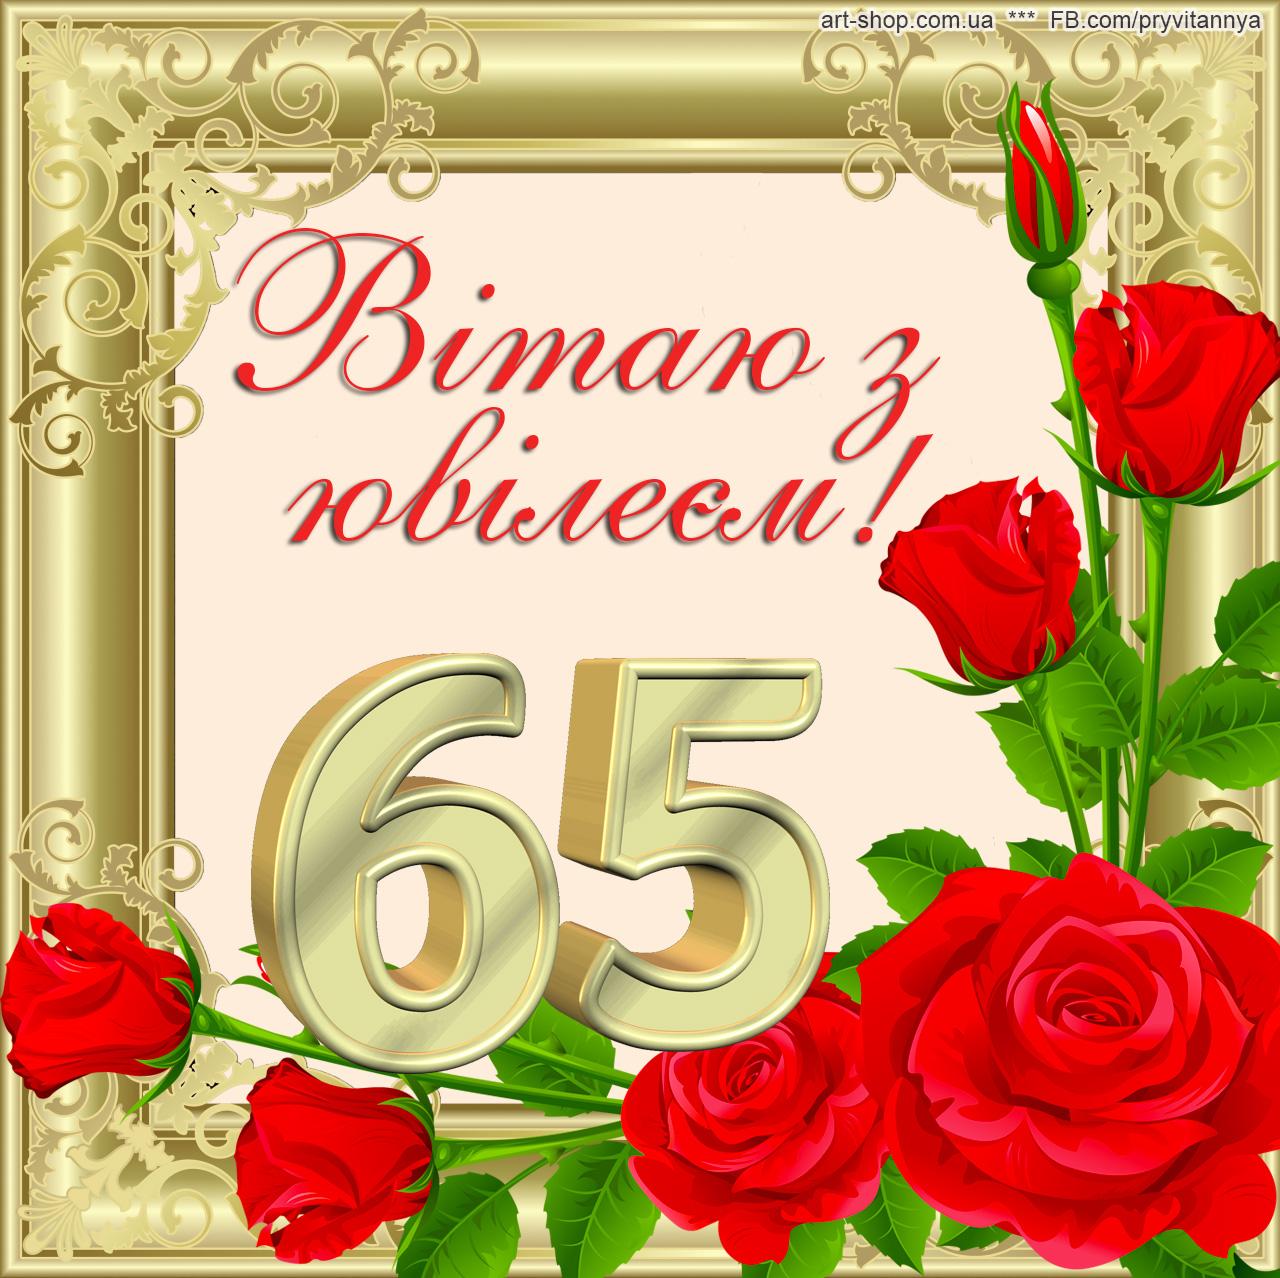 Вітання з Днем народження - 65 річчям ⋆ З Ювілеєм ⋆ Картинки ...